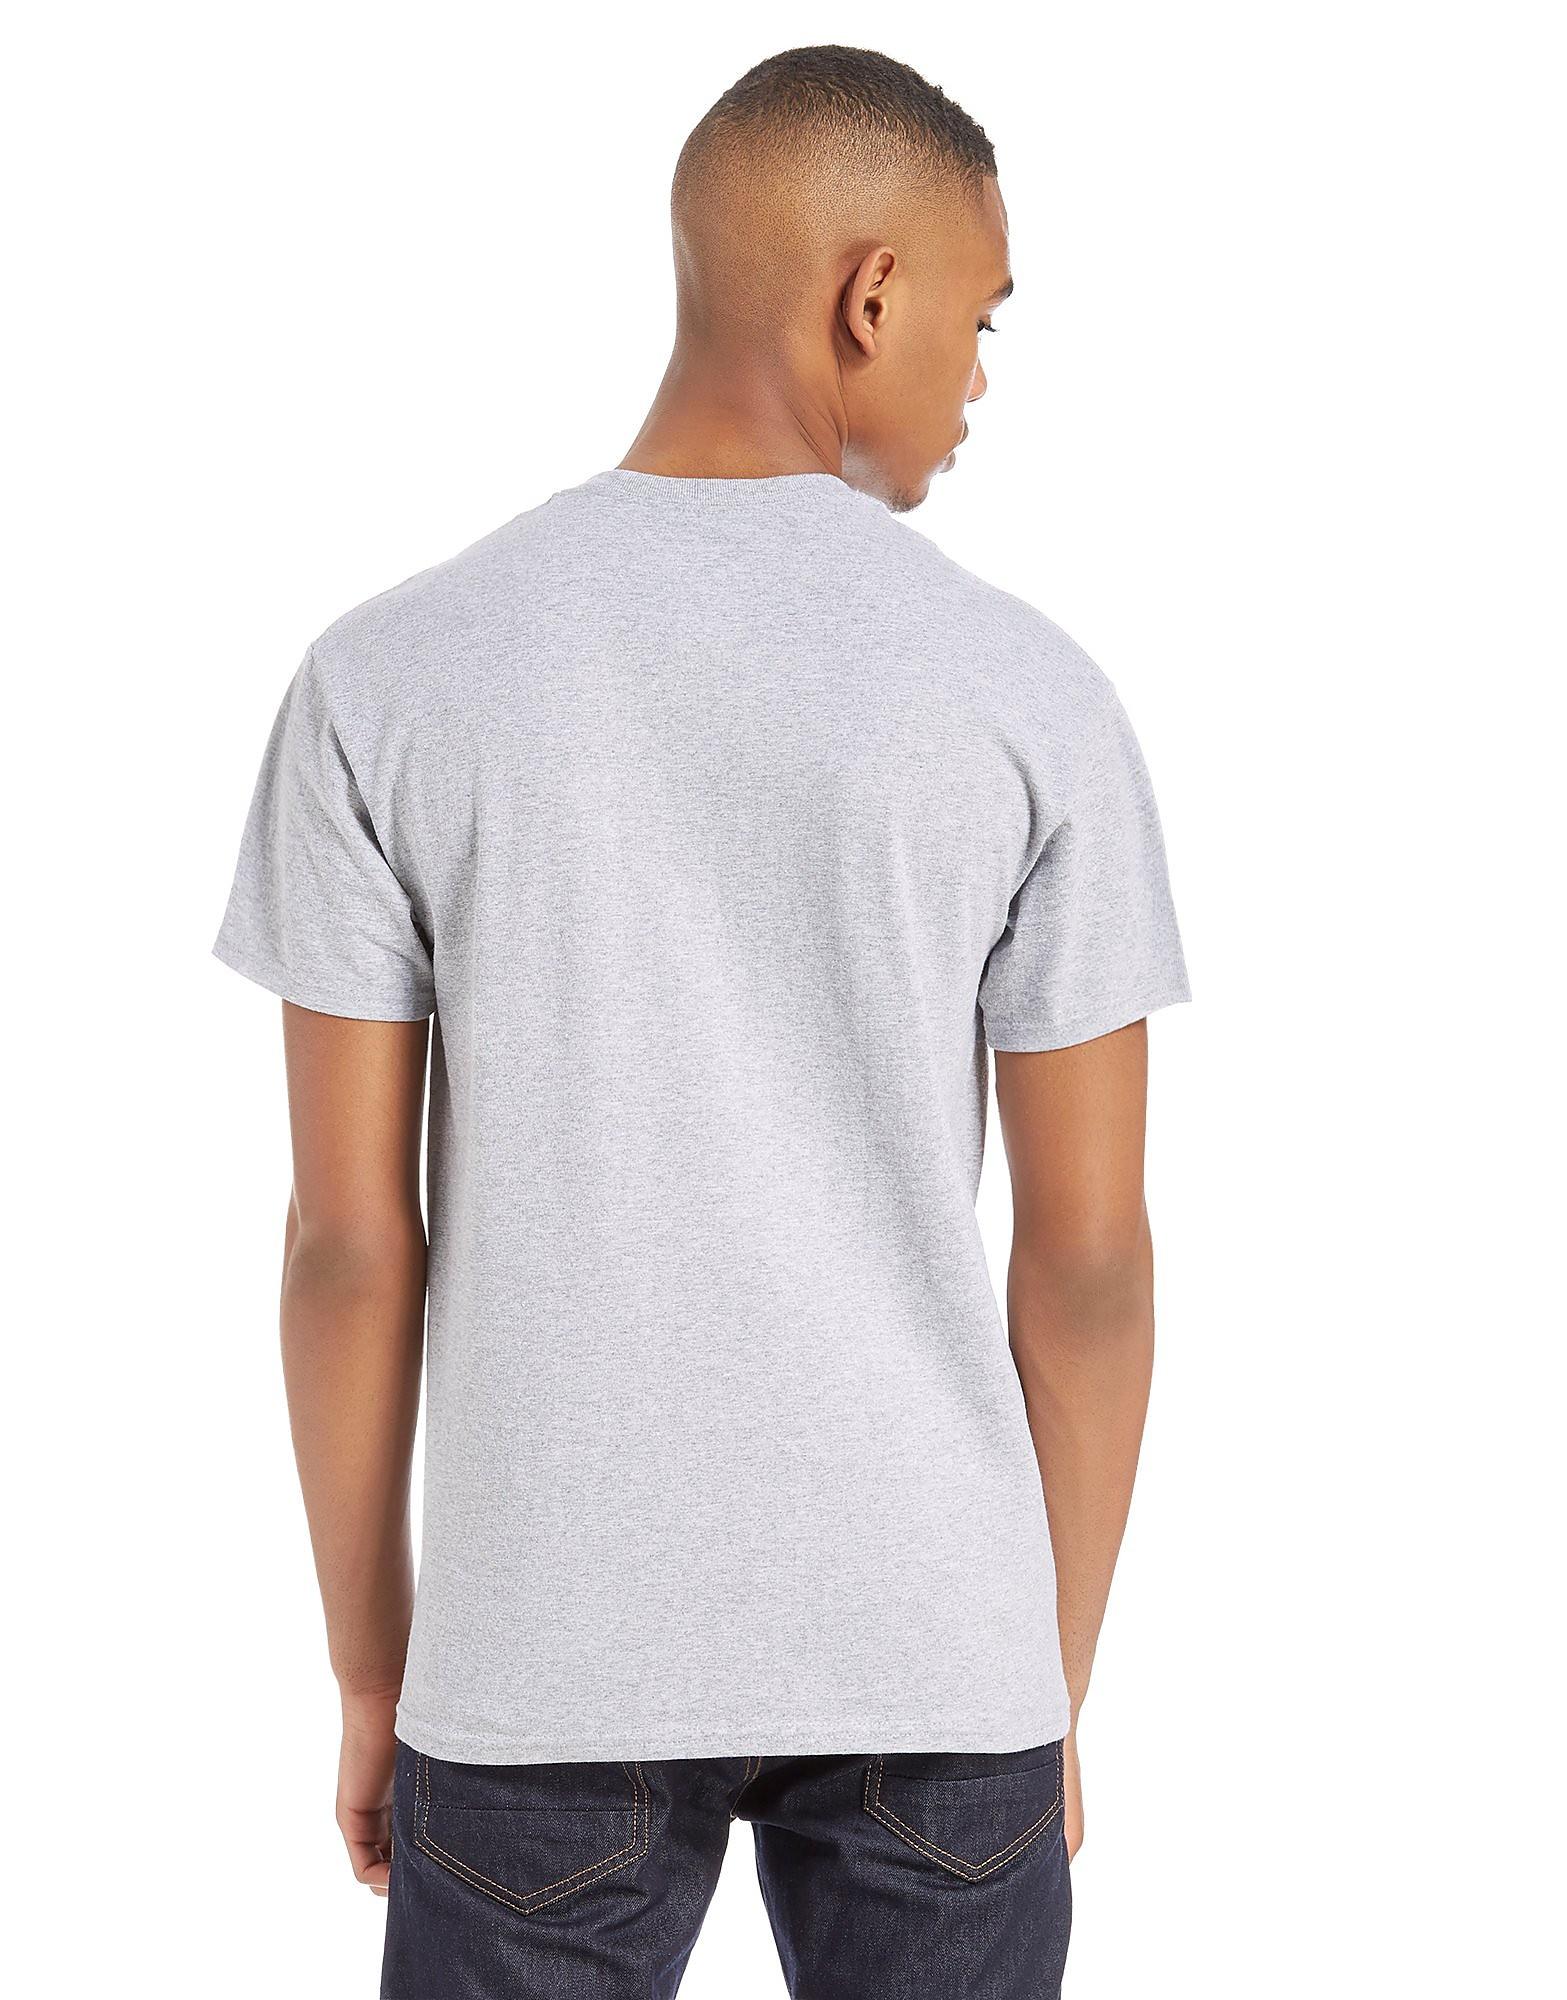 Official Team T-shirt NUFC Saint James Park